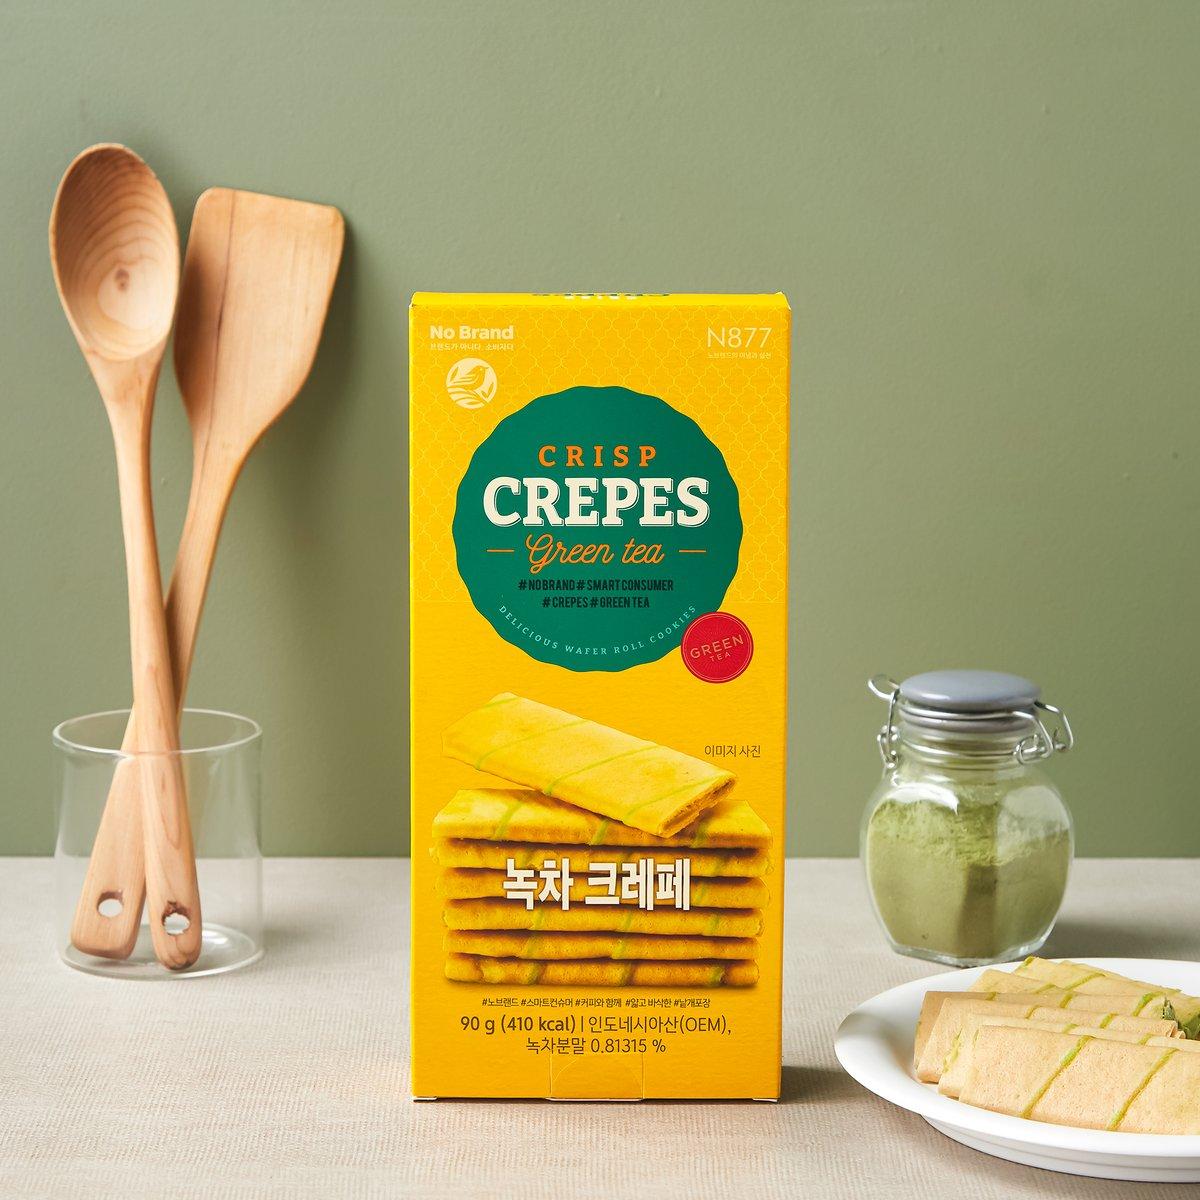 No Brand Crisp Crepe 綠茶薄脆 90g